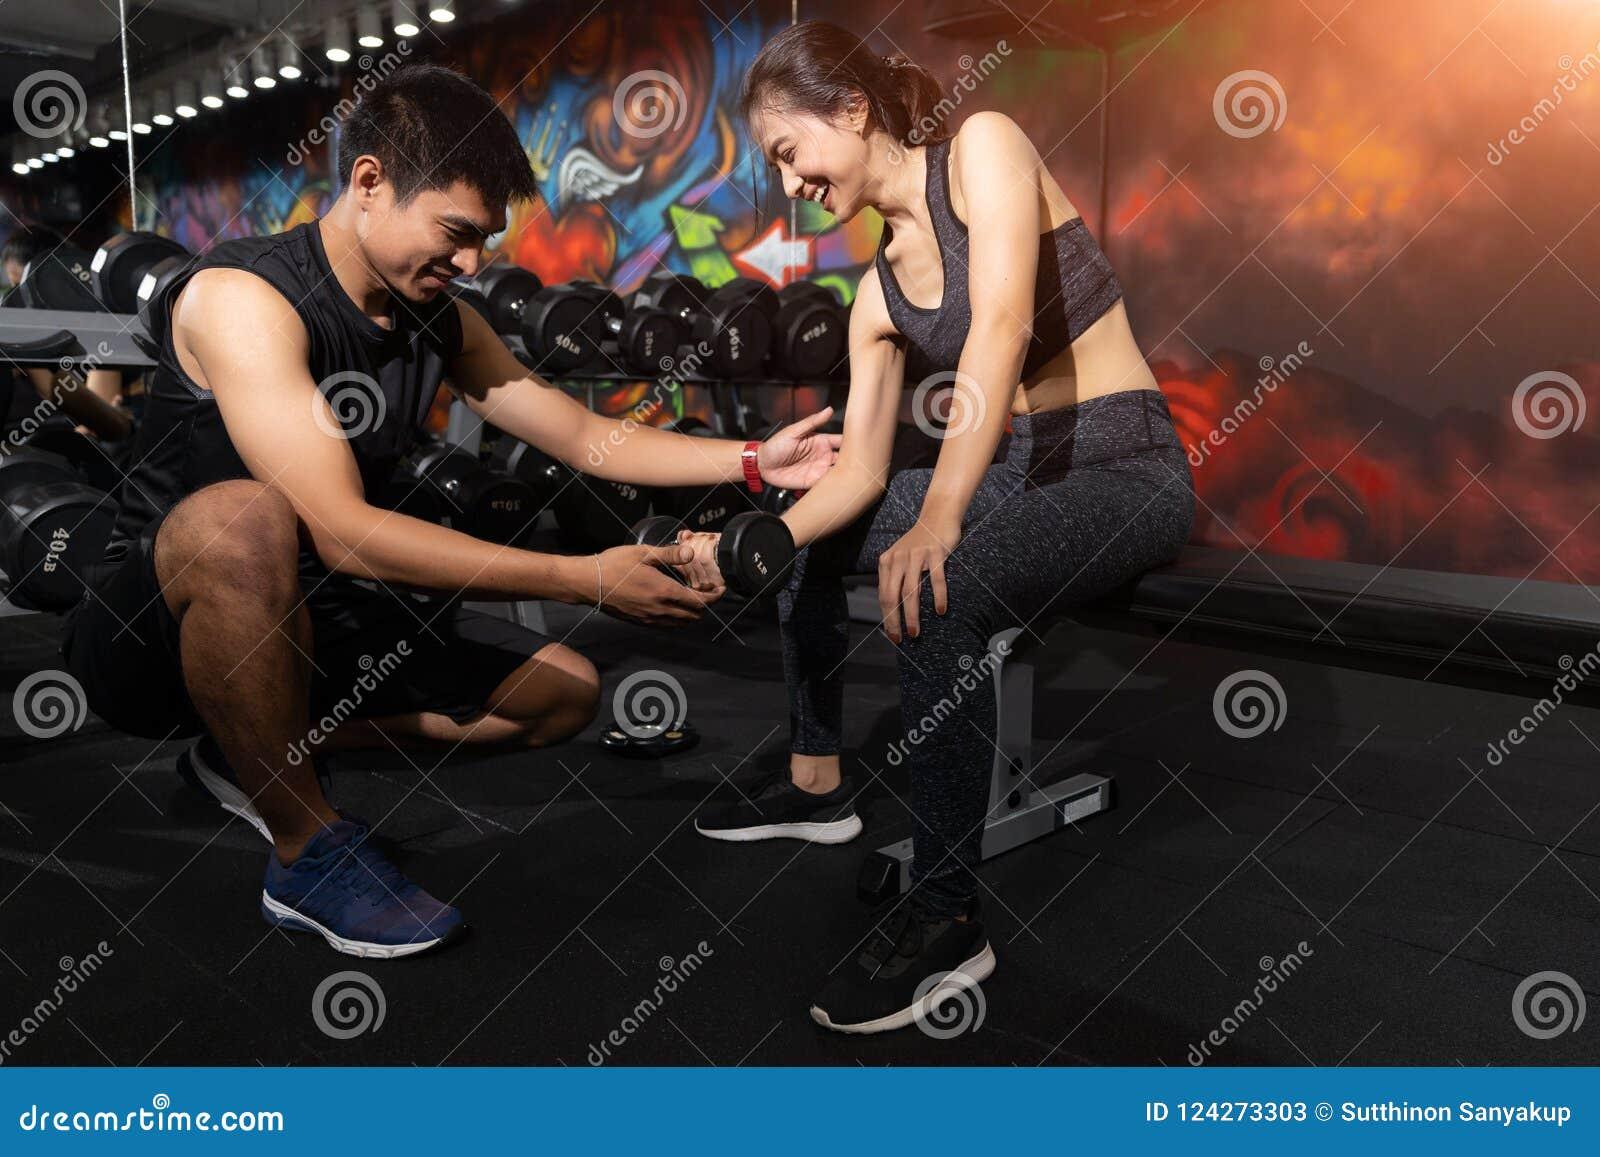 Εκπαιδευτικός ικανότητας που ασκεί με τον πελάτη του στη γυμναστική, προσωπικός εκπαιδευτής που βοηθά την εργασία γυναικών με του